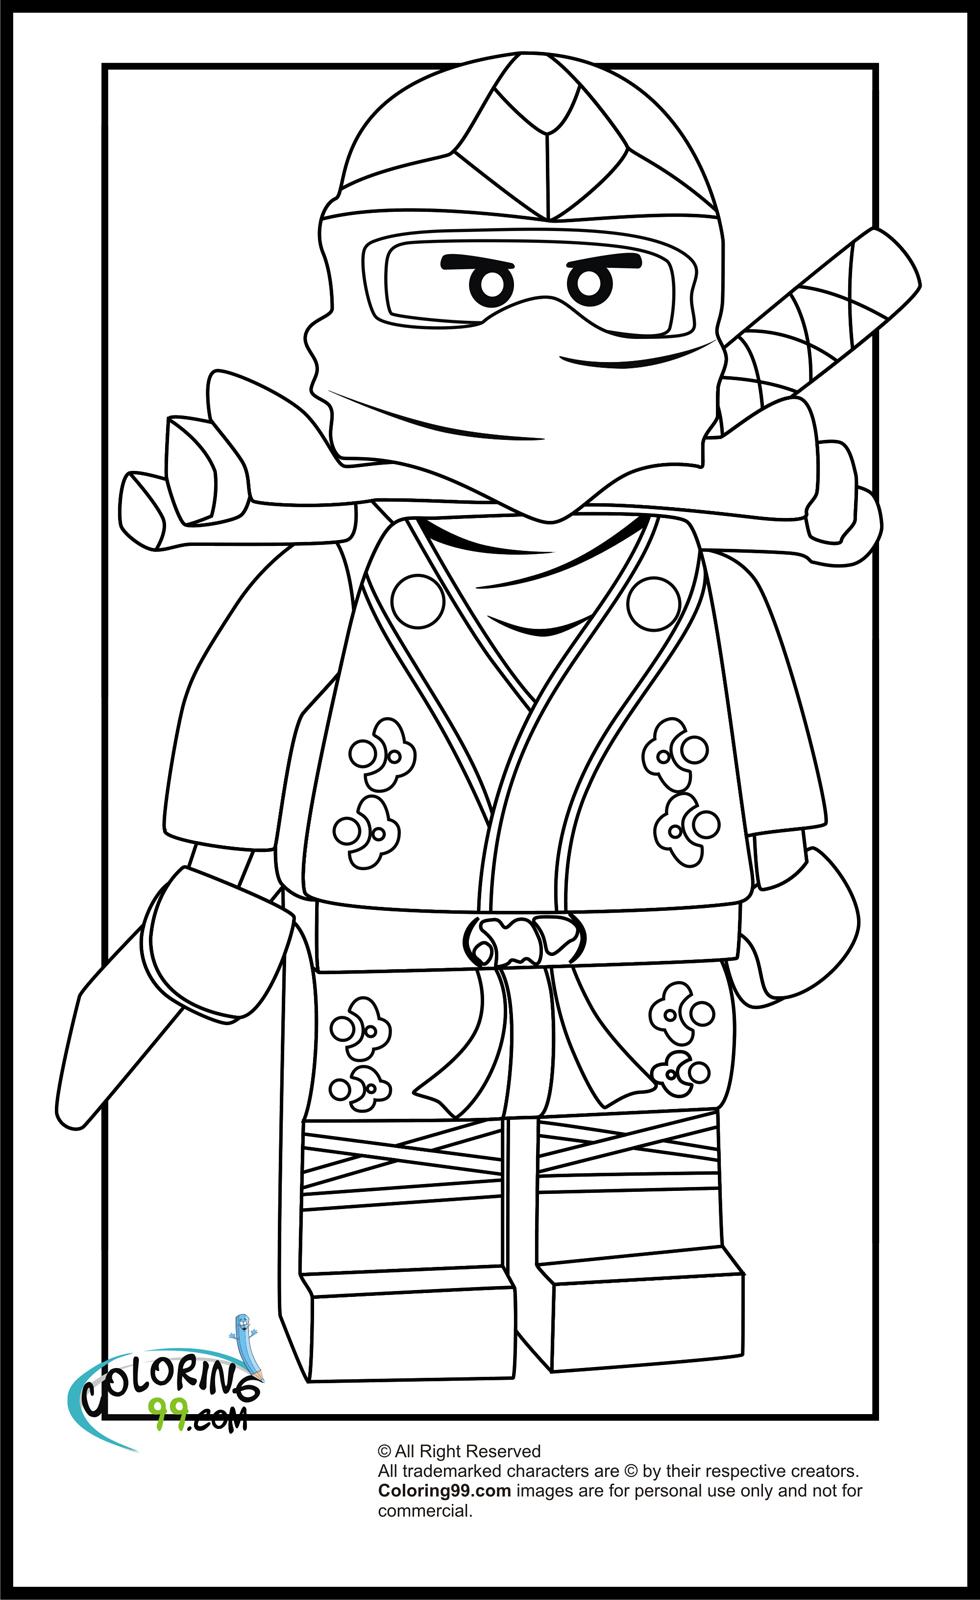 lloyd ninjago coloring page ninjago coloring pages lloyd coloring home coloring page lloyd ninjago